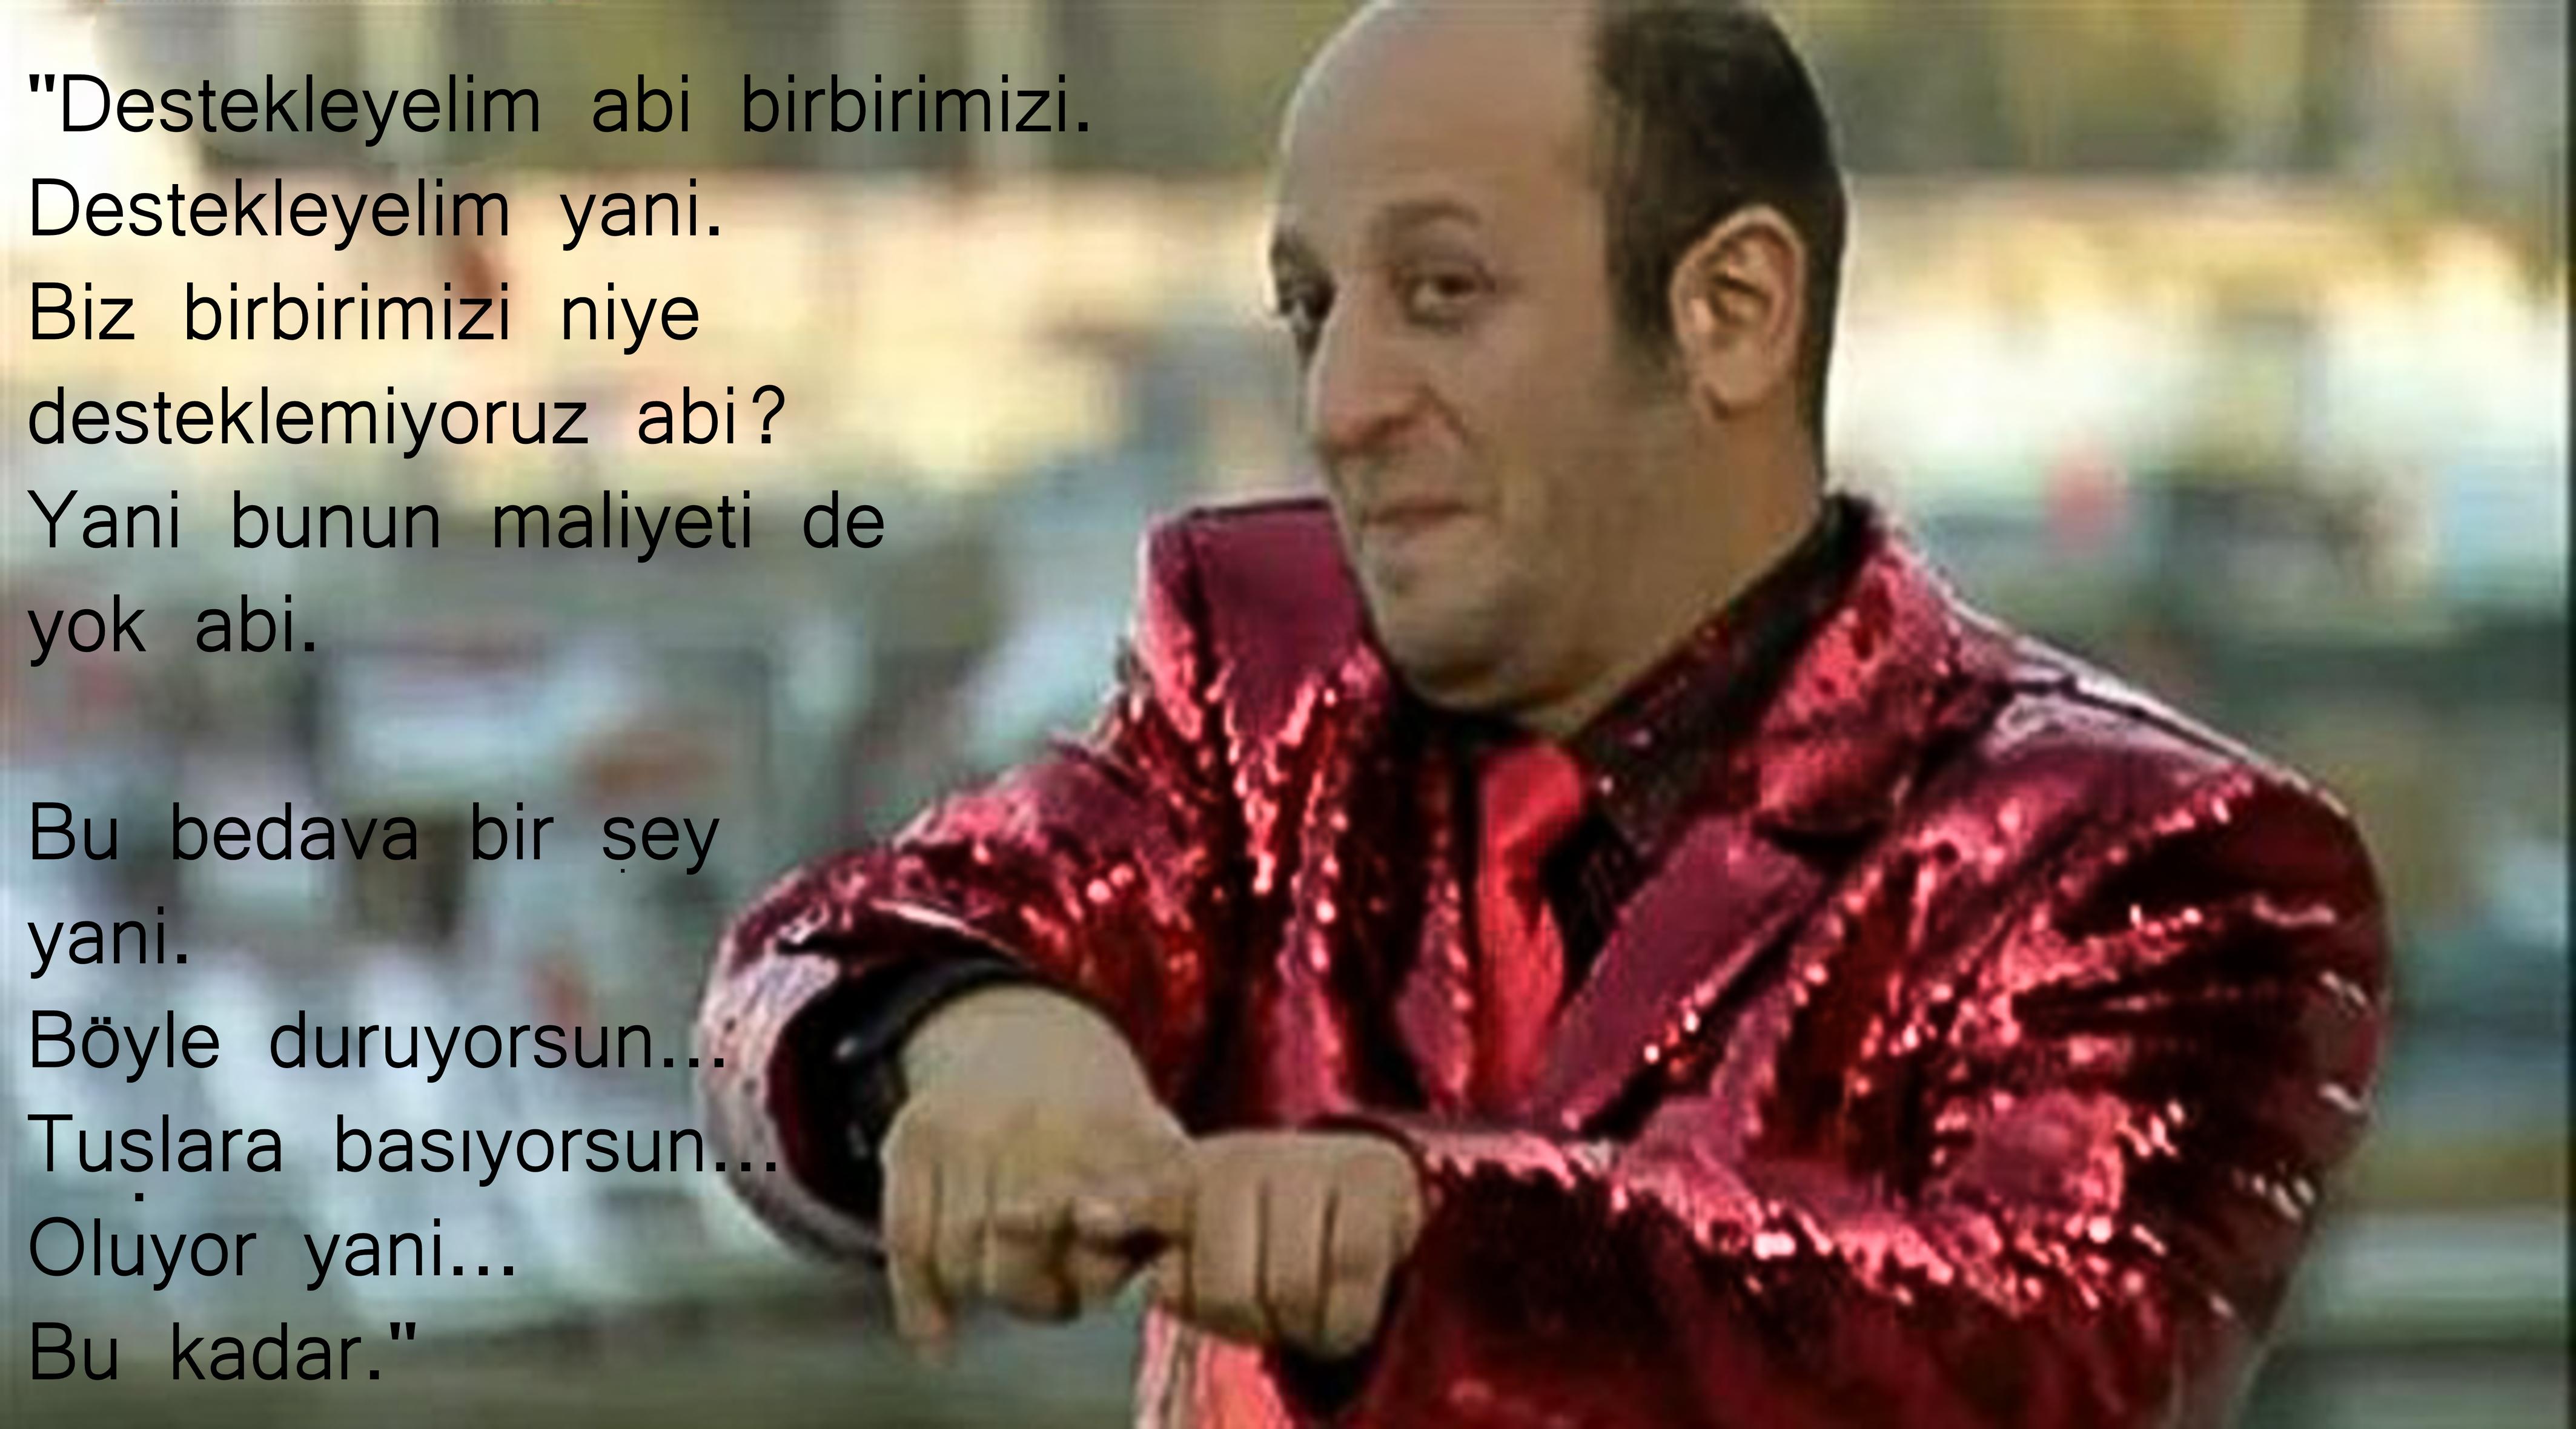 ismail-abi-den-leyla-ile-mecnun-mujdesi-366633-5-2-2